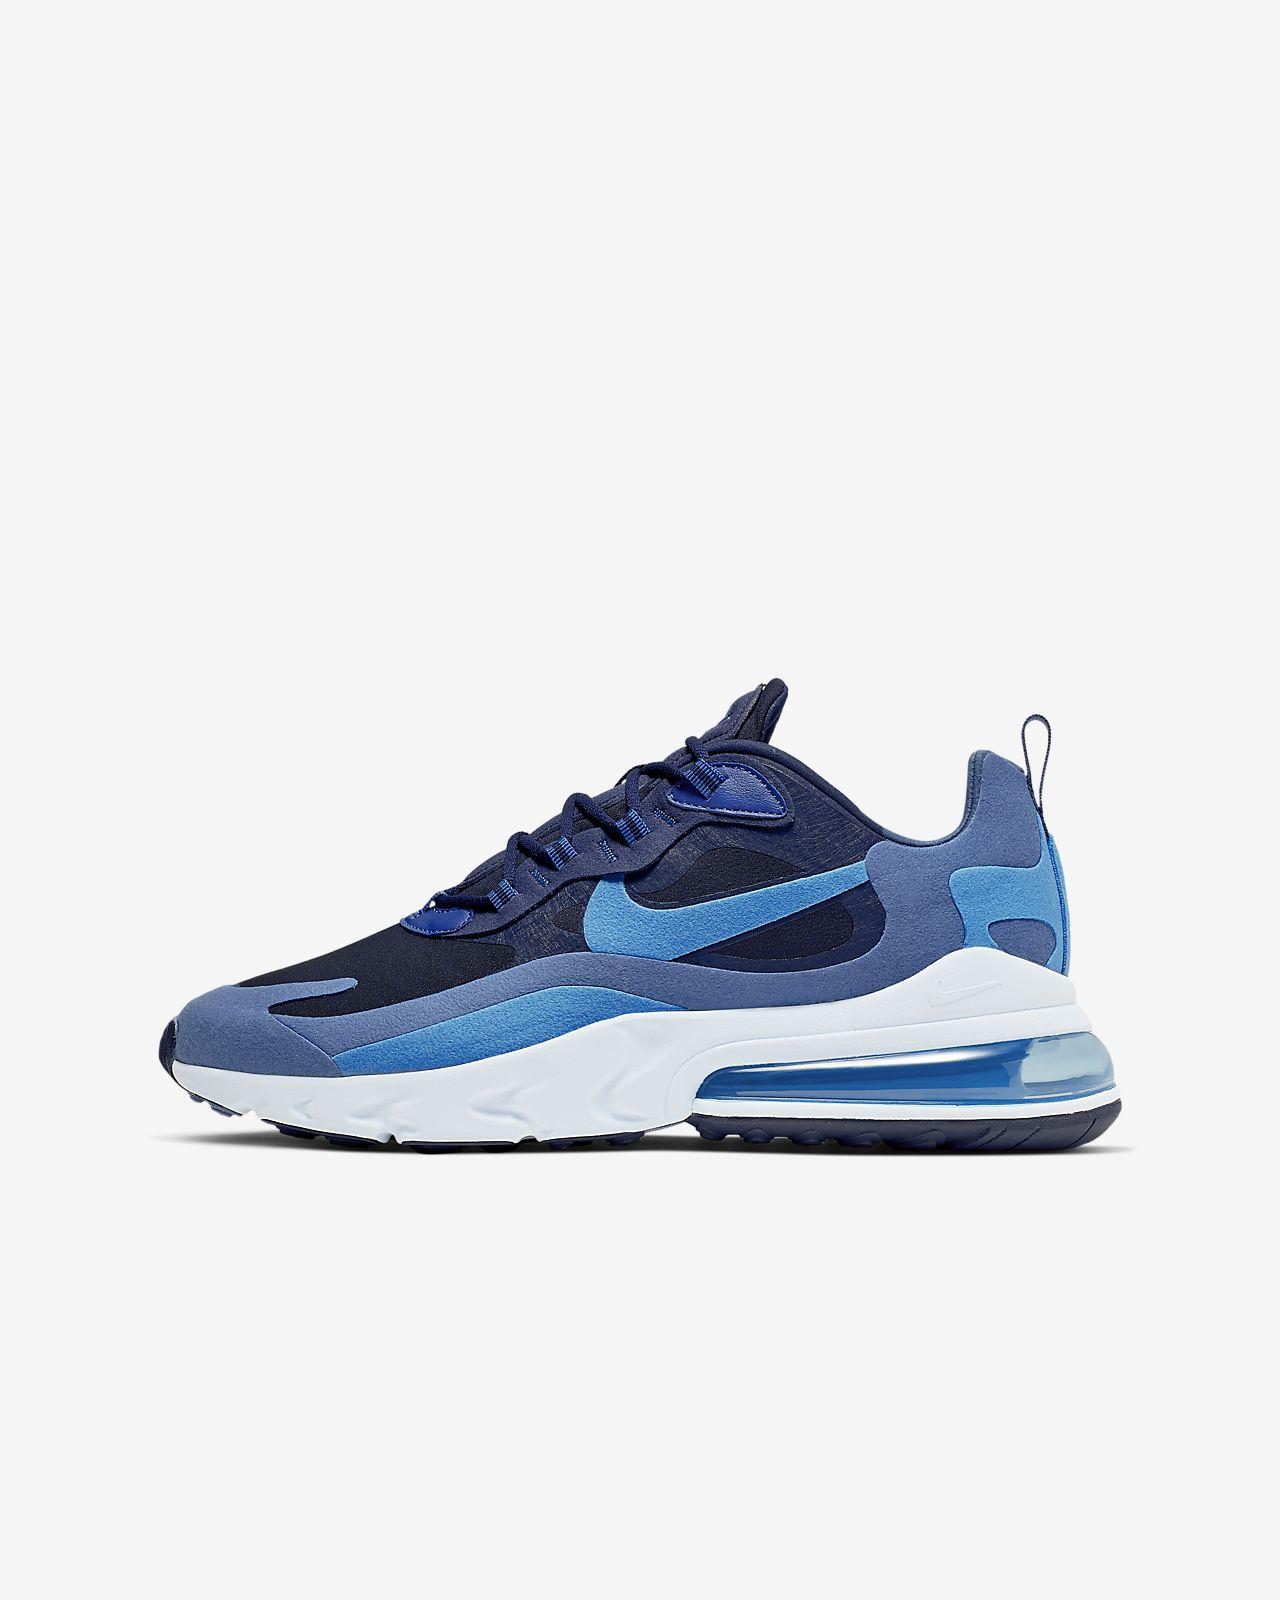 รองเท้าผู้ชาย Nike Air Max 270 React (Impressionism Art)